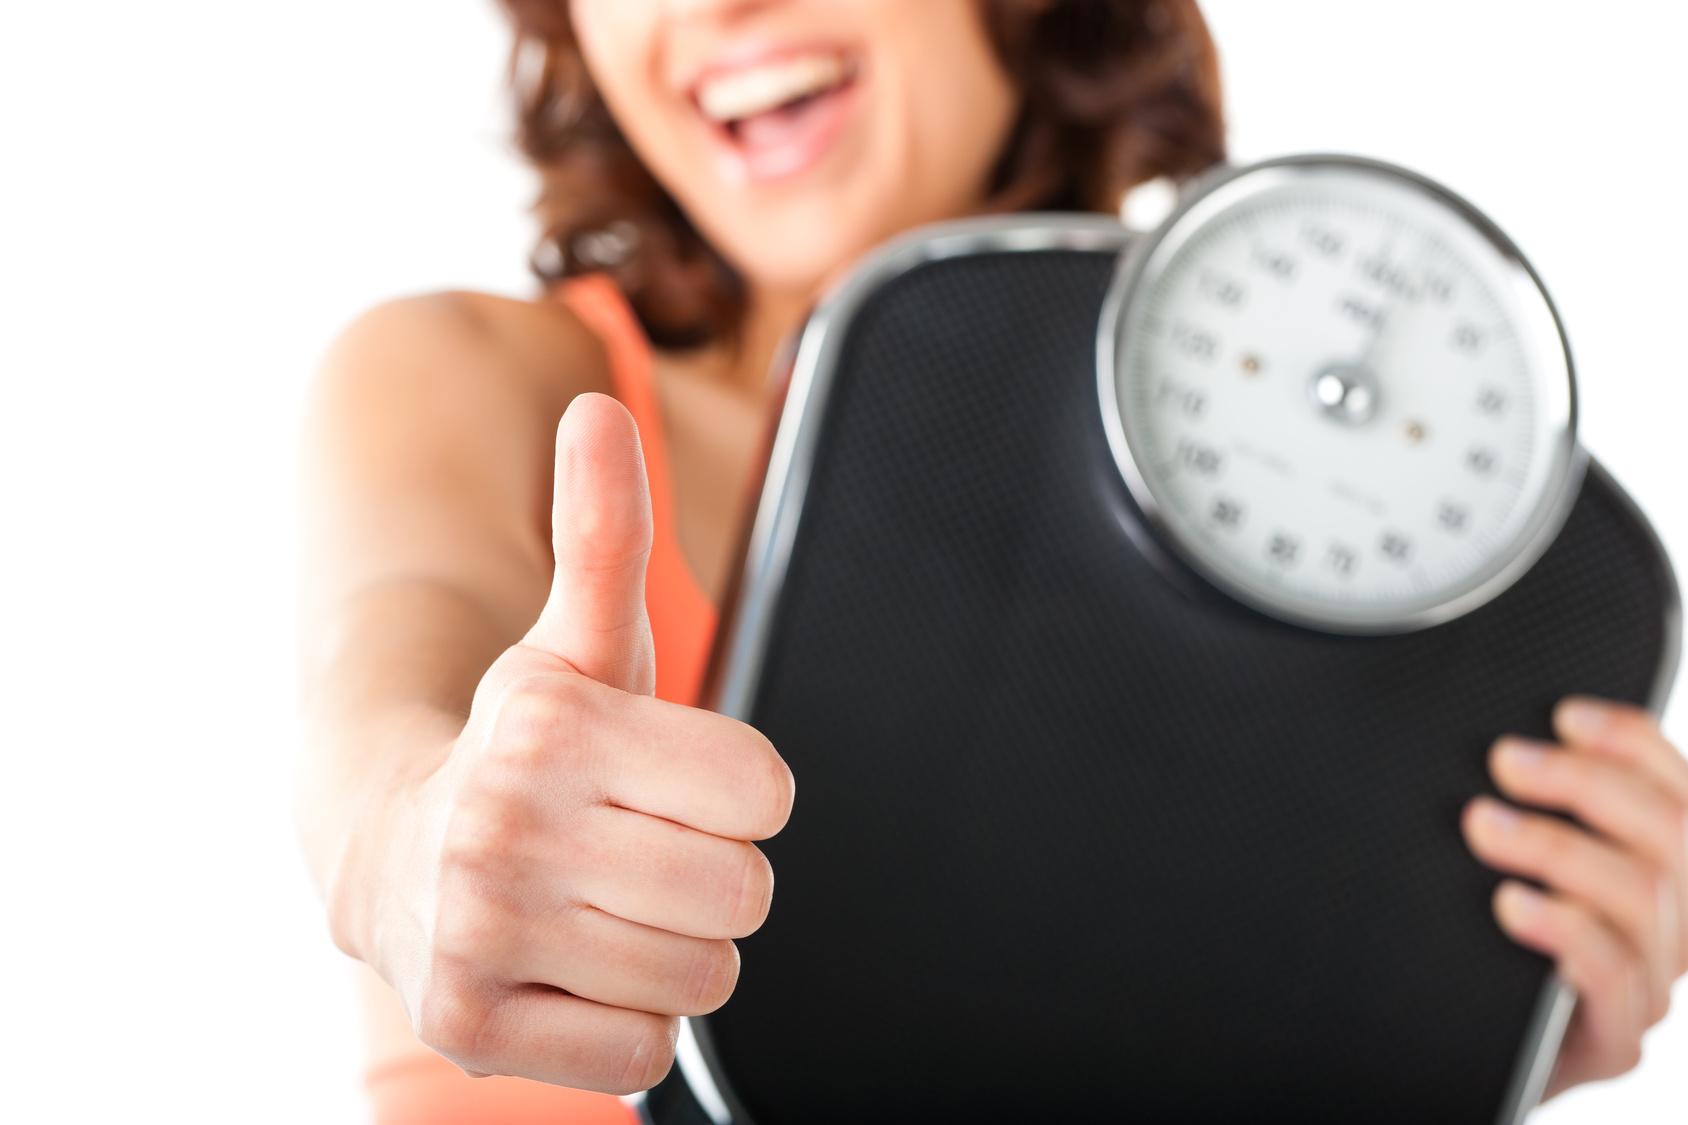 Высокорезультативная химическая диета отзывы